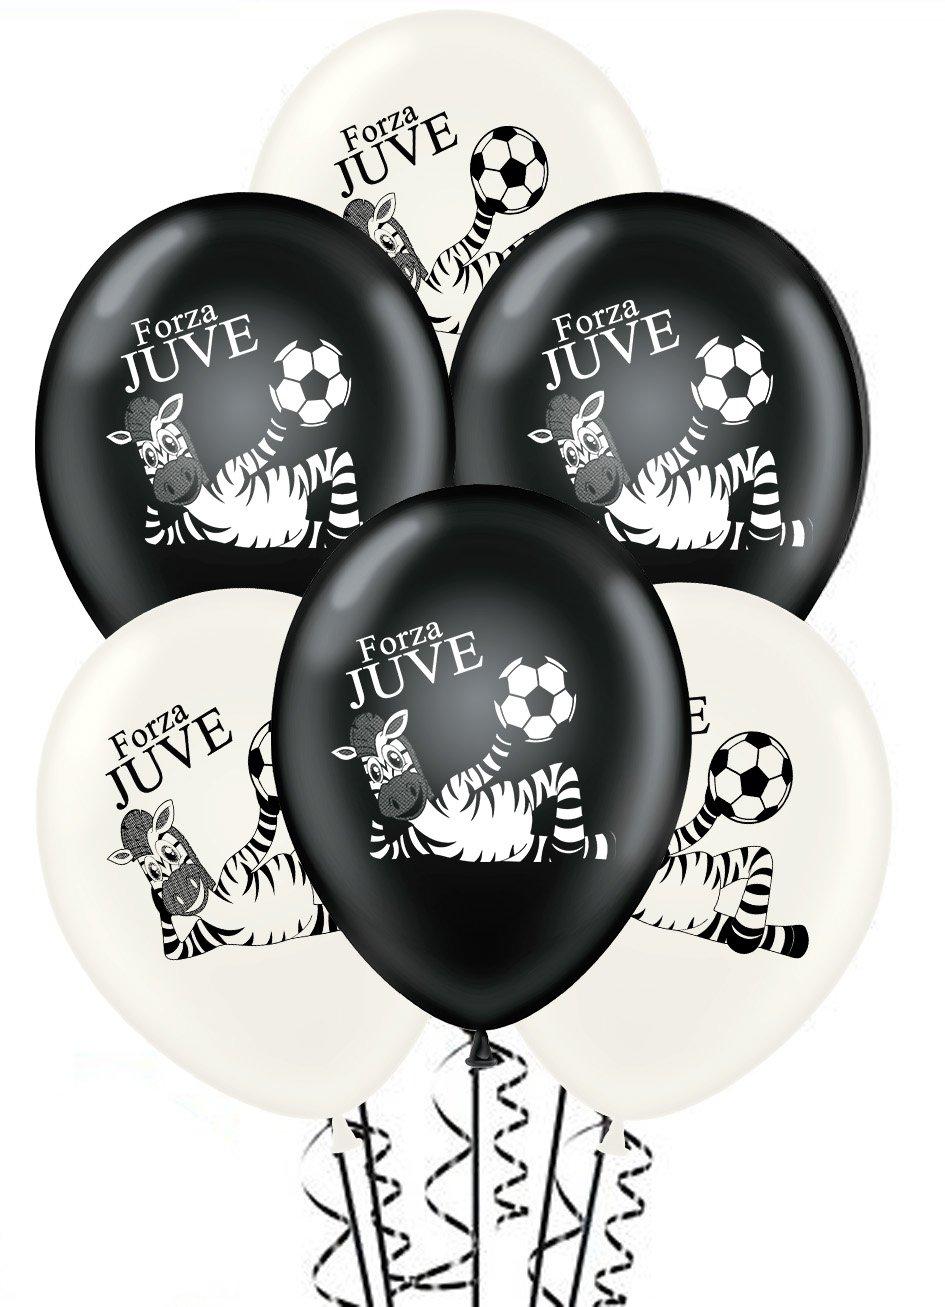 Paquete de 20 globos blancos y negros Forza Juve para ...